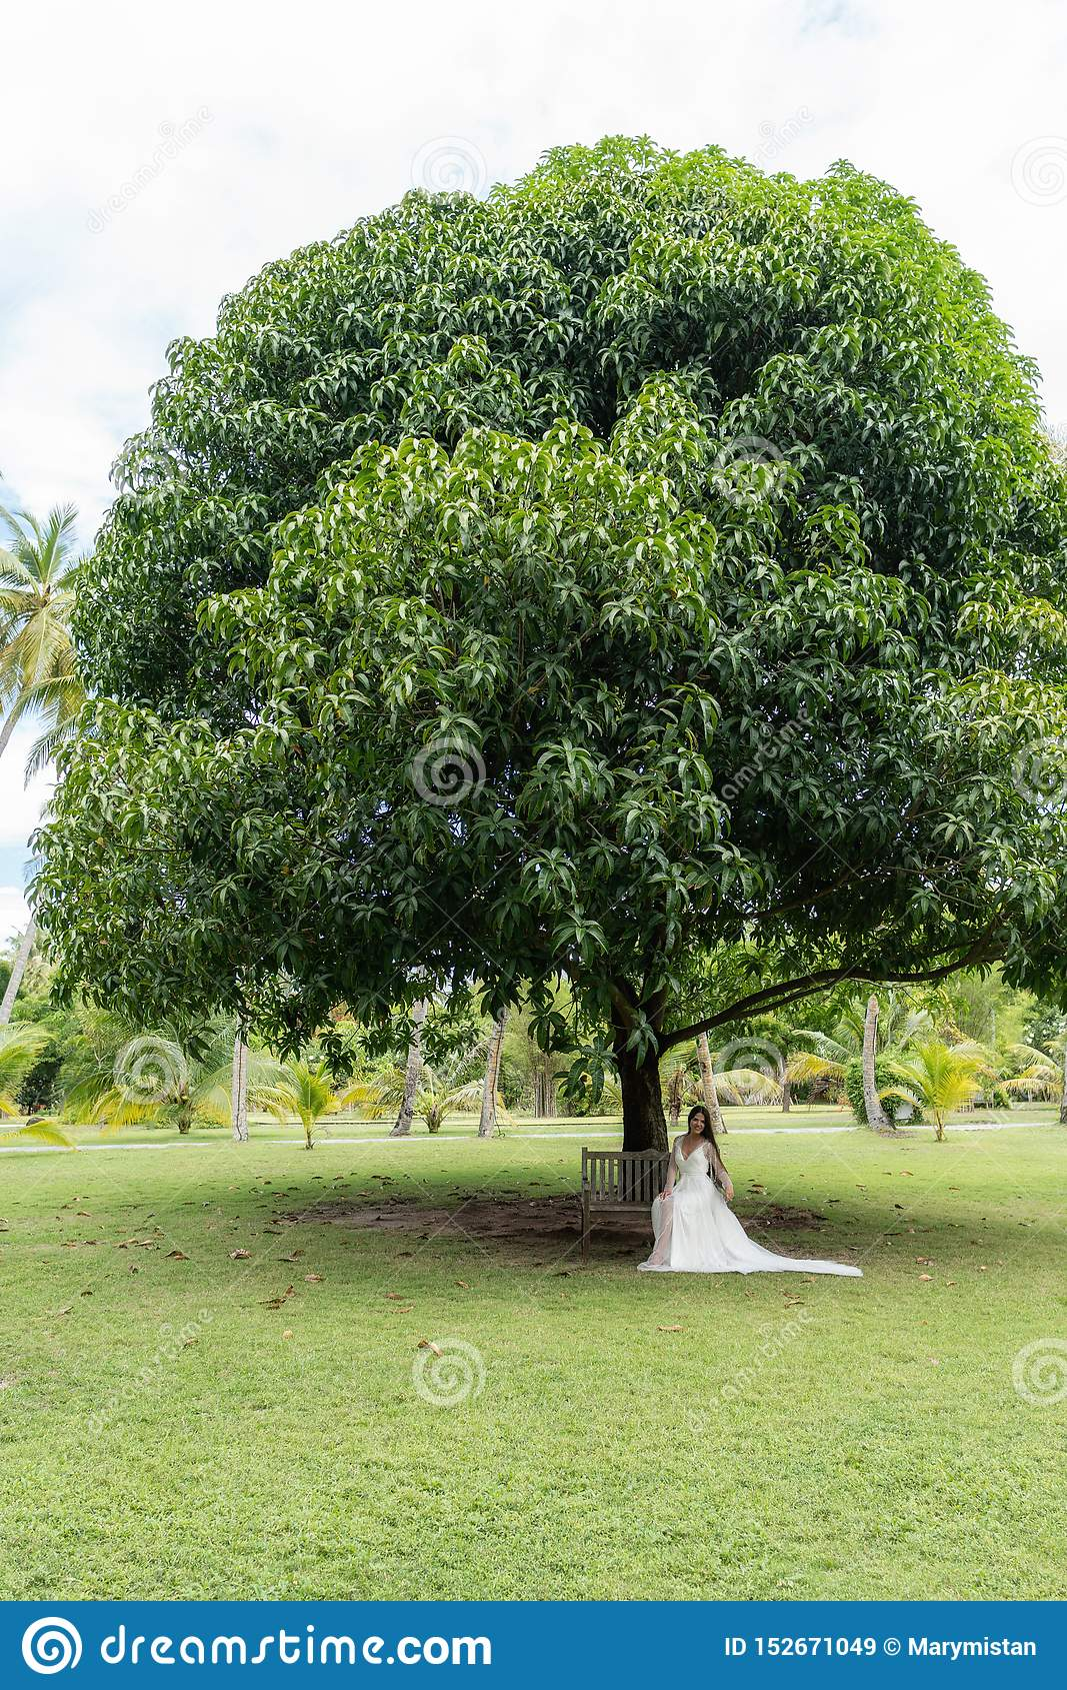 Uma noiva em um vestido branco está sentando-se em um banco velho sob uma árvore tropical enorme